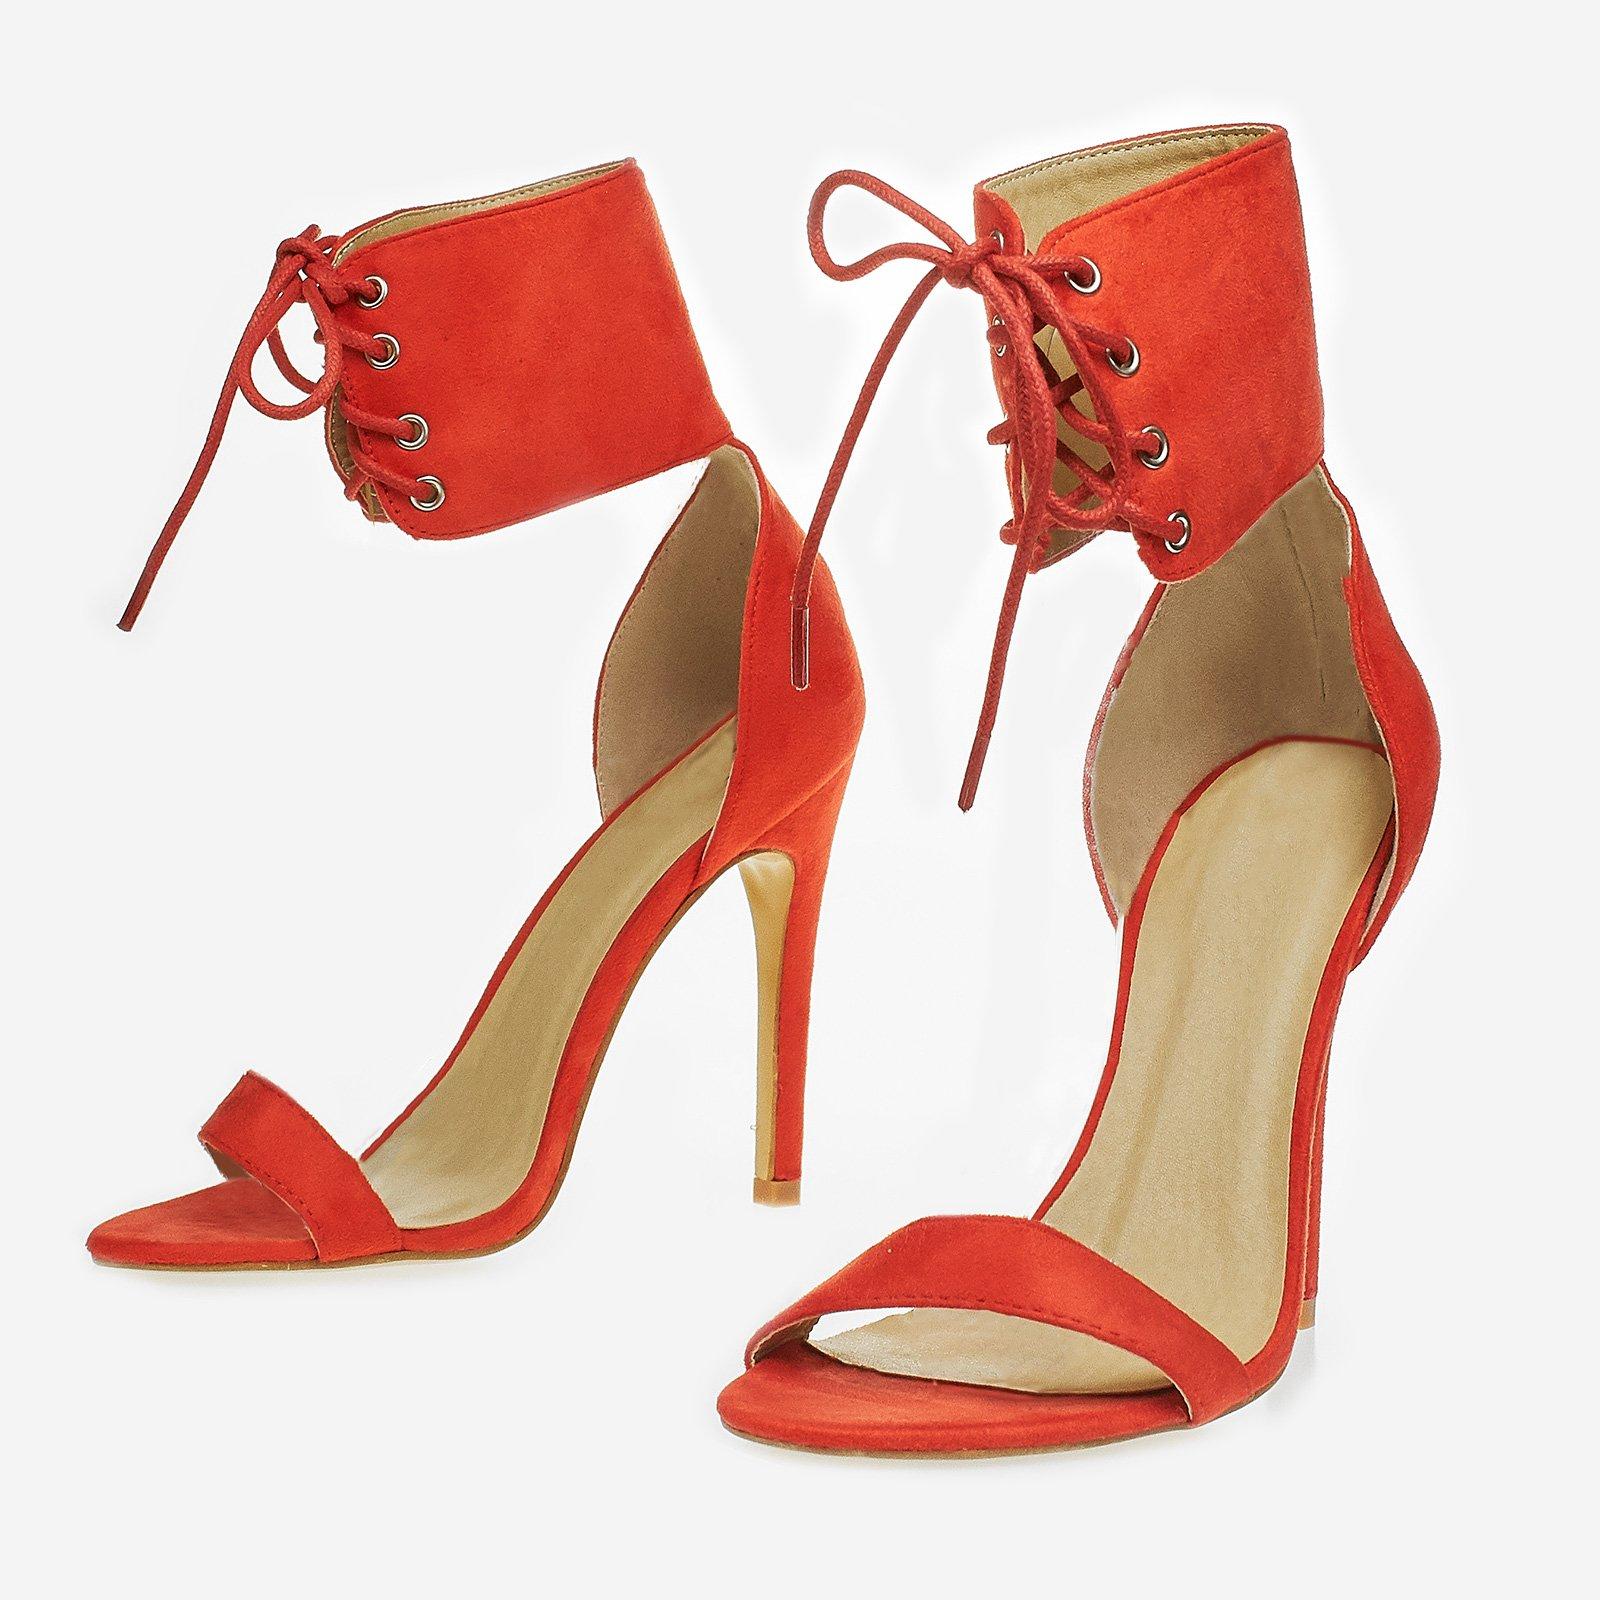 Lulu Lace Up Heel In Orange Faux Suede